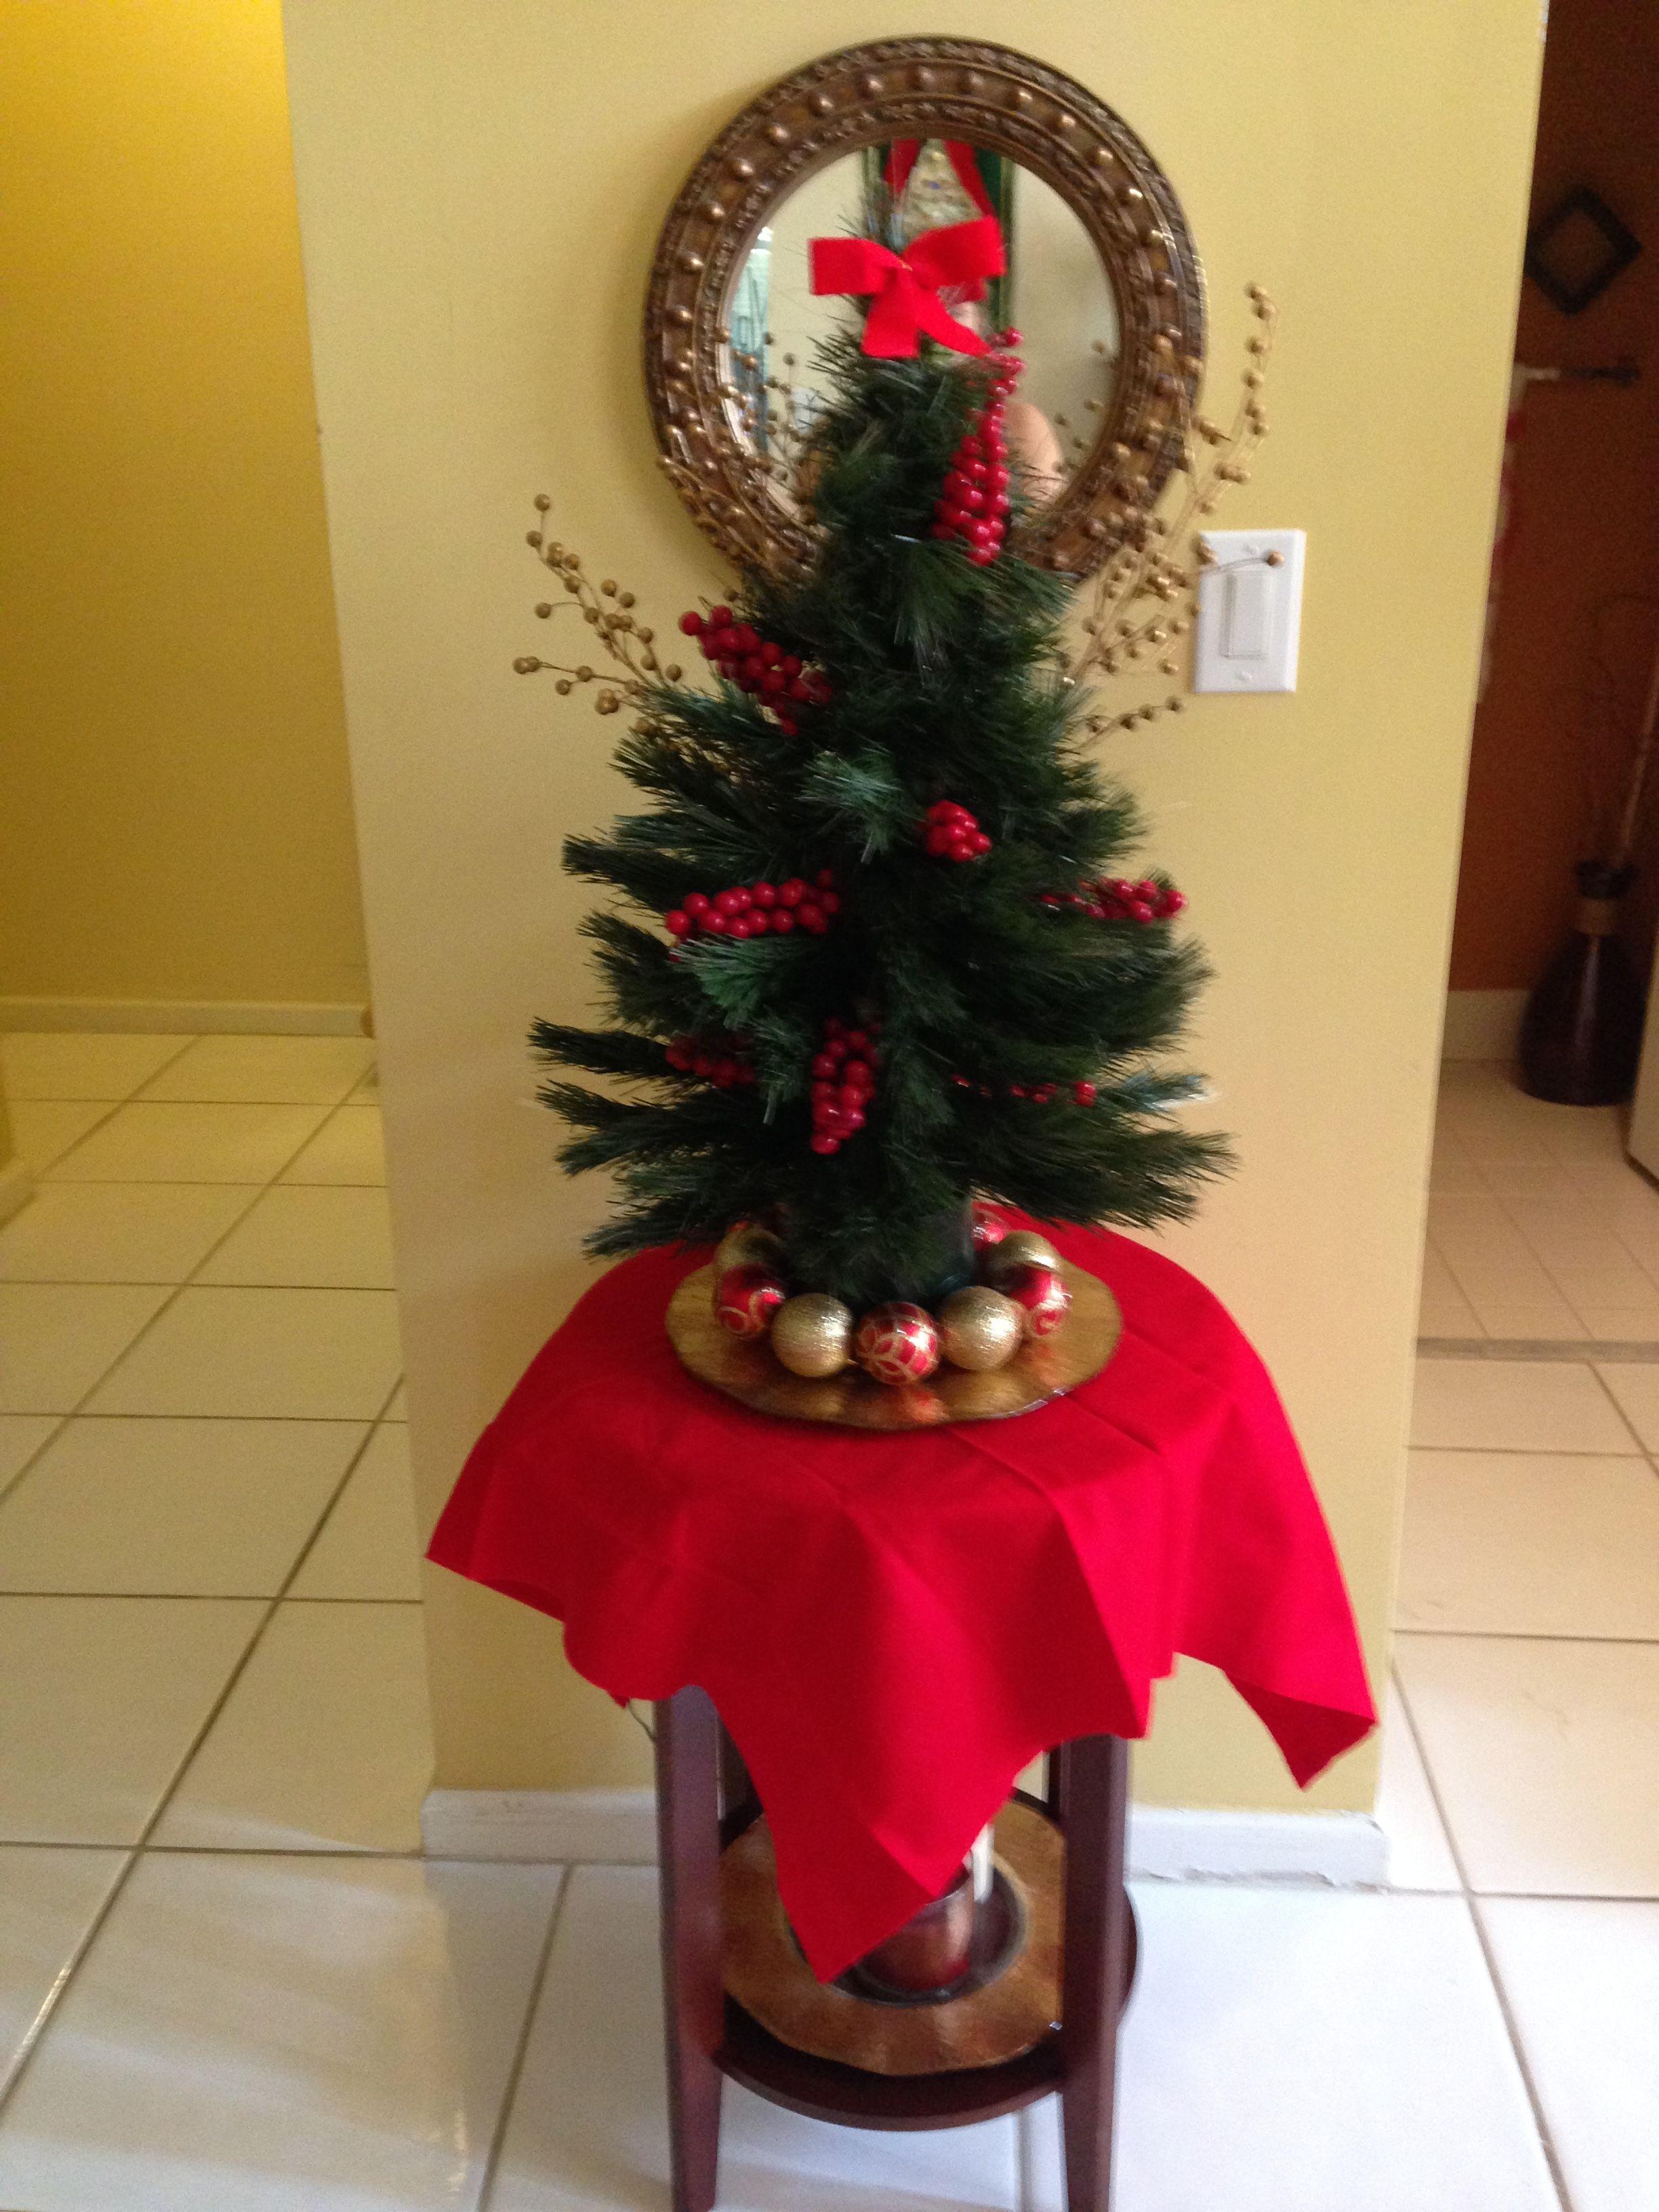 Arbol De Navidad Pequeno Arbol De Navidad Decoracion Navidad Navidad